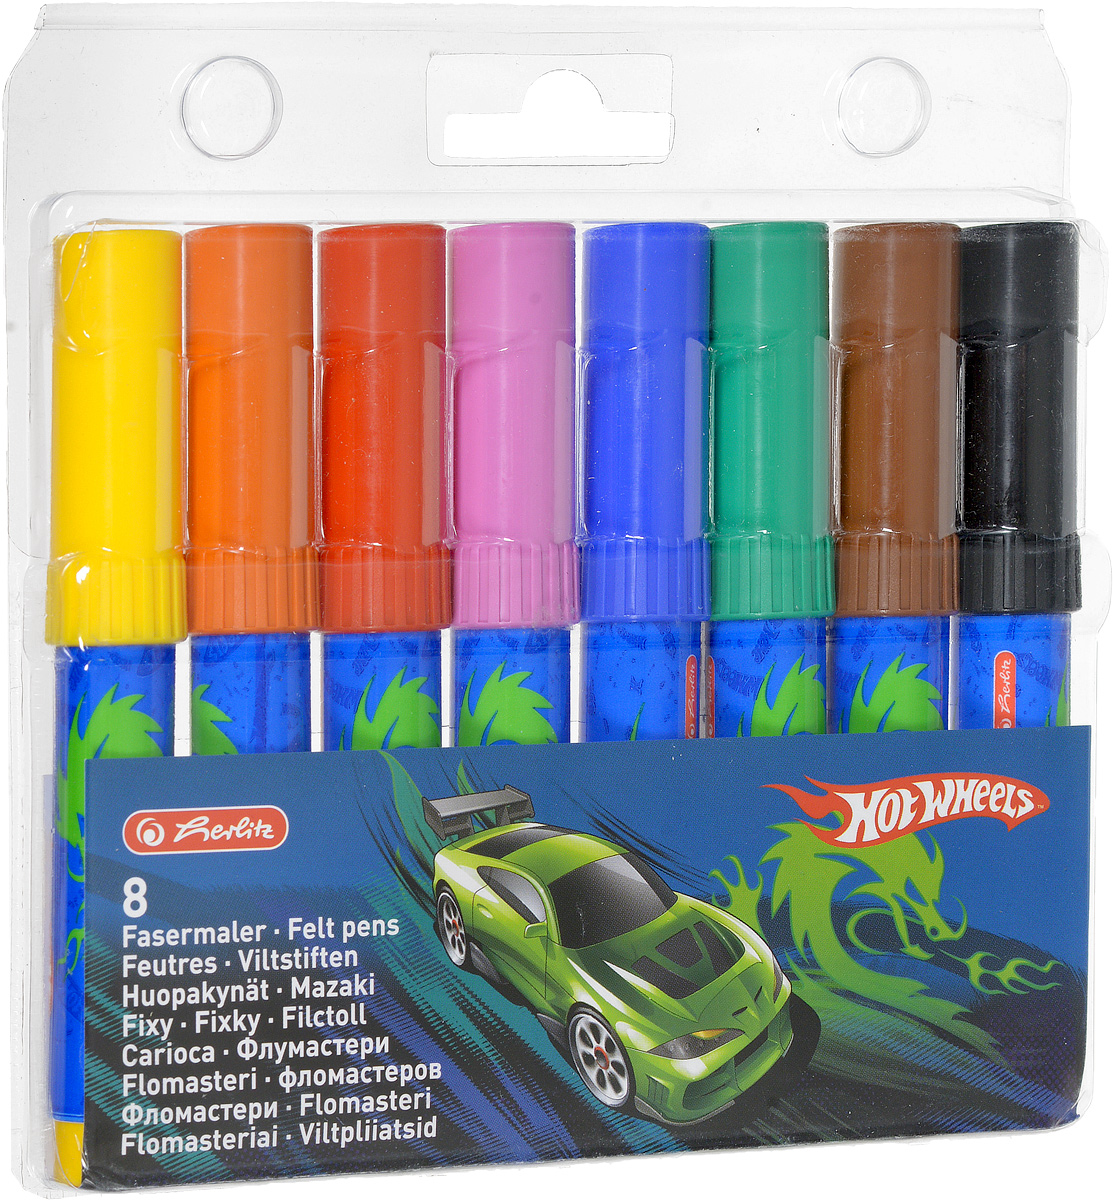 Herlitz Набор фломастеров Hot Wheels 8 цветовAP-AWP105-06_собакаНабор фломастеров Herlitz  Hot Wheels- это 8 фломастеров ярких насыщенных цветов.Фломастеры оснащены вентилируемым колпачком, а корпус изготовлен из прочного пластика. Фломастеры устойчивы к вдавливанию и имеют цилиндрический пишущий узел.Когда ваш юный художник будет рисовать, то можете не беспокоиться, чернила этих фломастеров совершенно безопасны для здоровья вашего малыша. Набор фломастеров от Herlitz обязательно порадует не только вашего малыша, но и вас.Рекомендуемый возраст от трех лет.